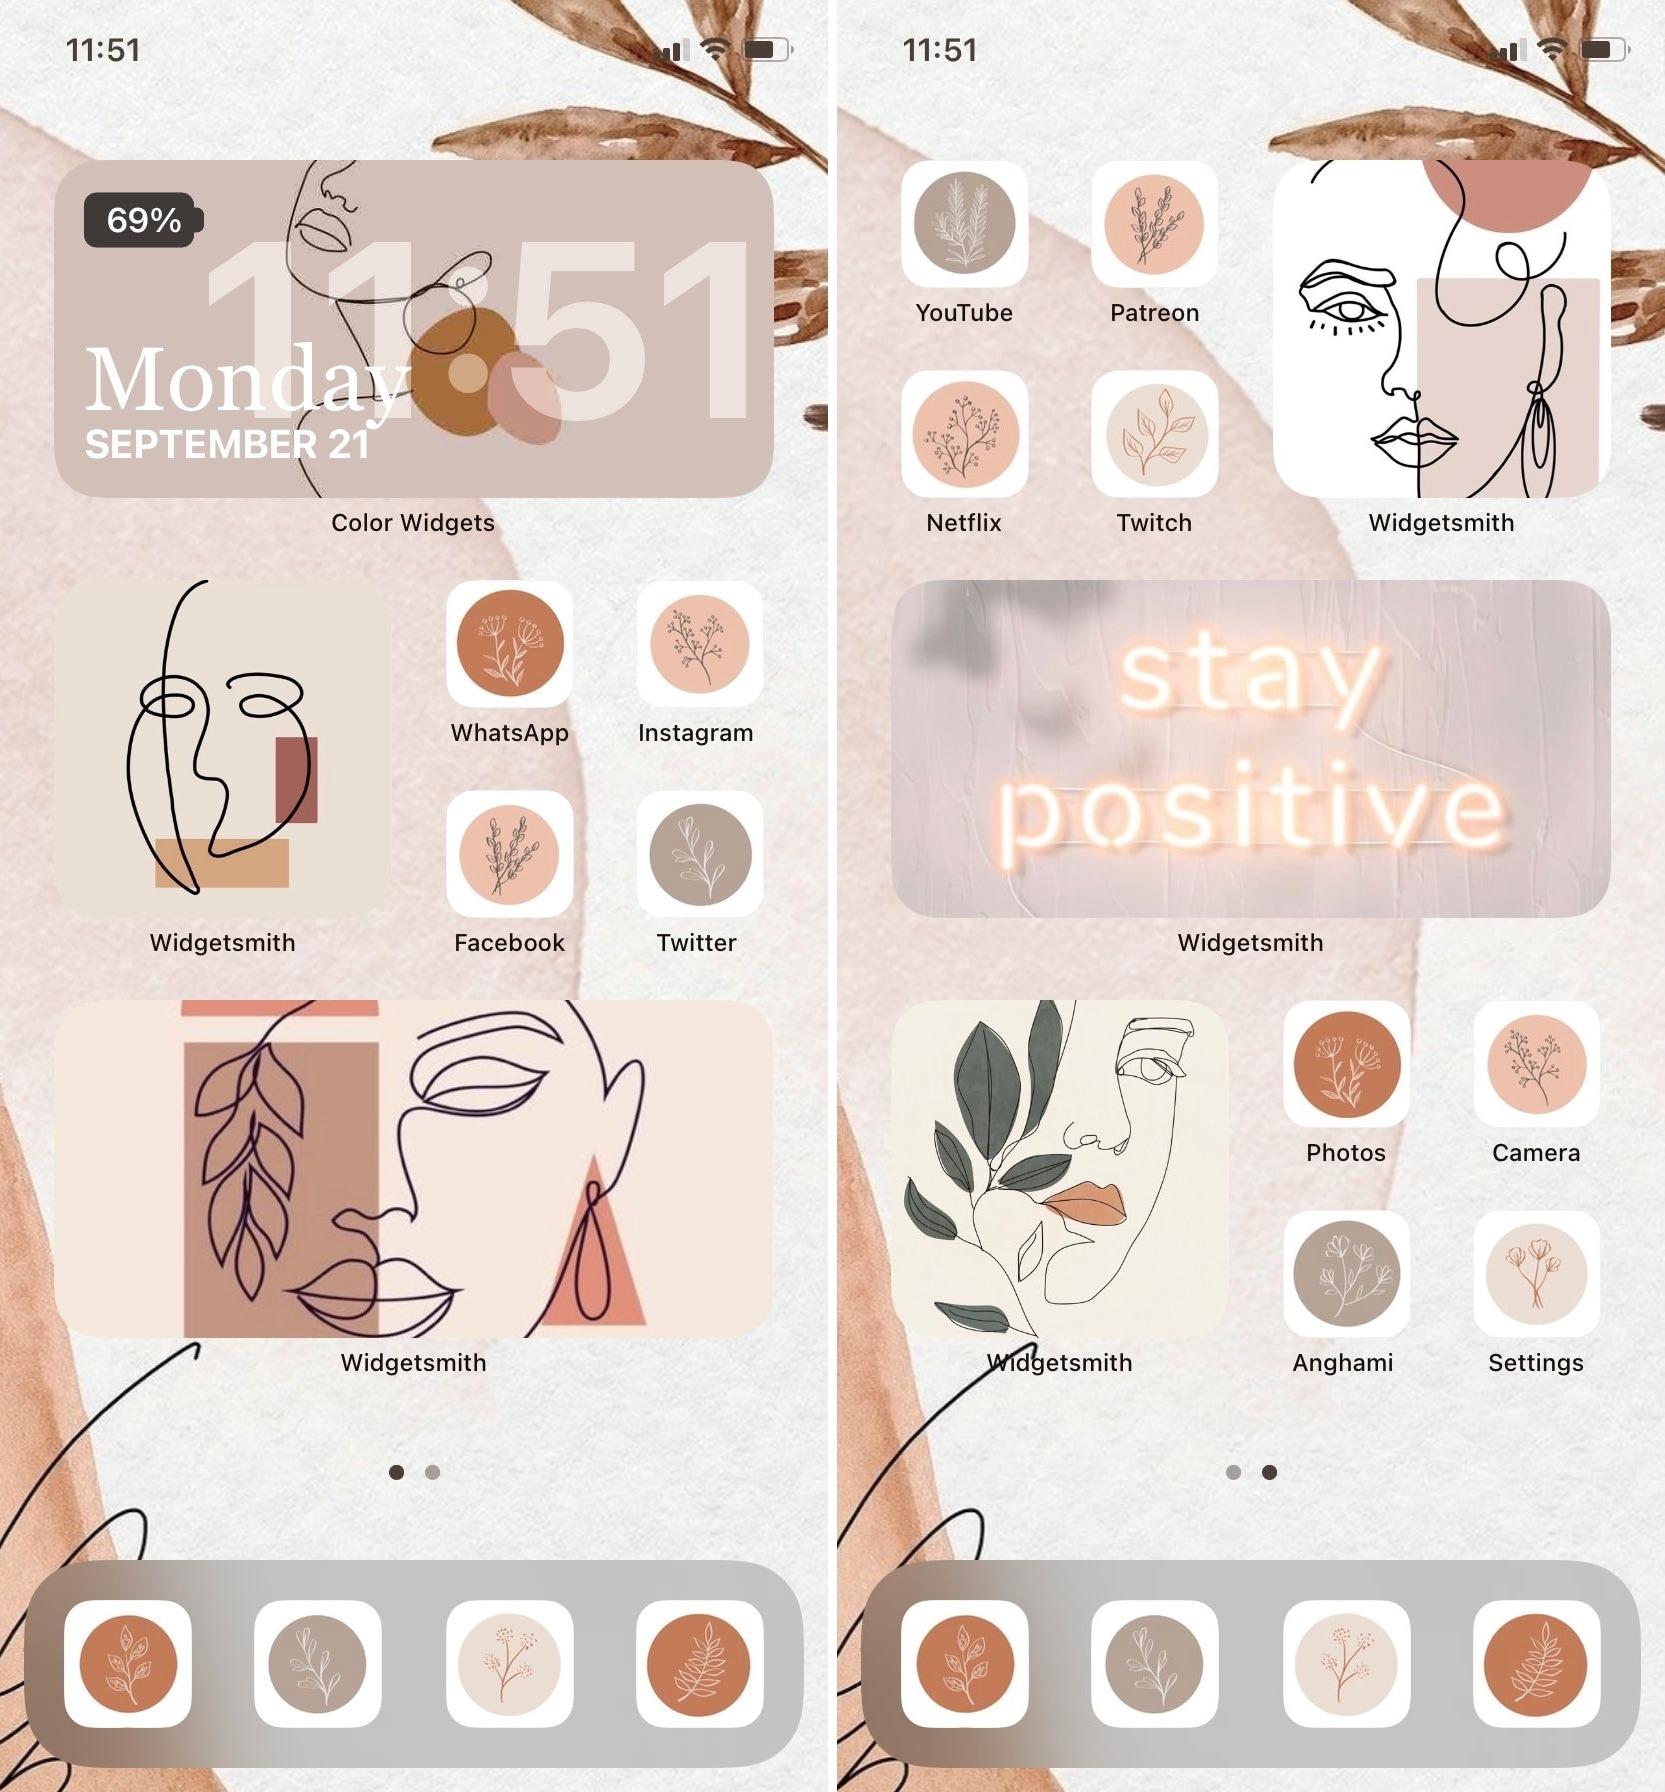 Sara_LM10 iOS 14 Home Screen